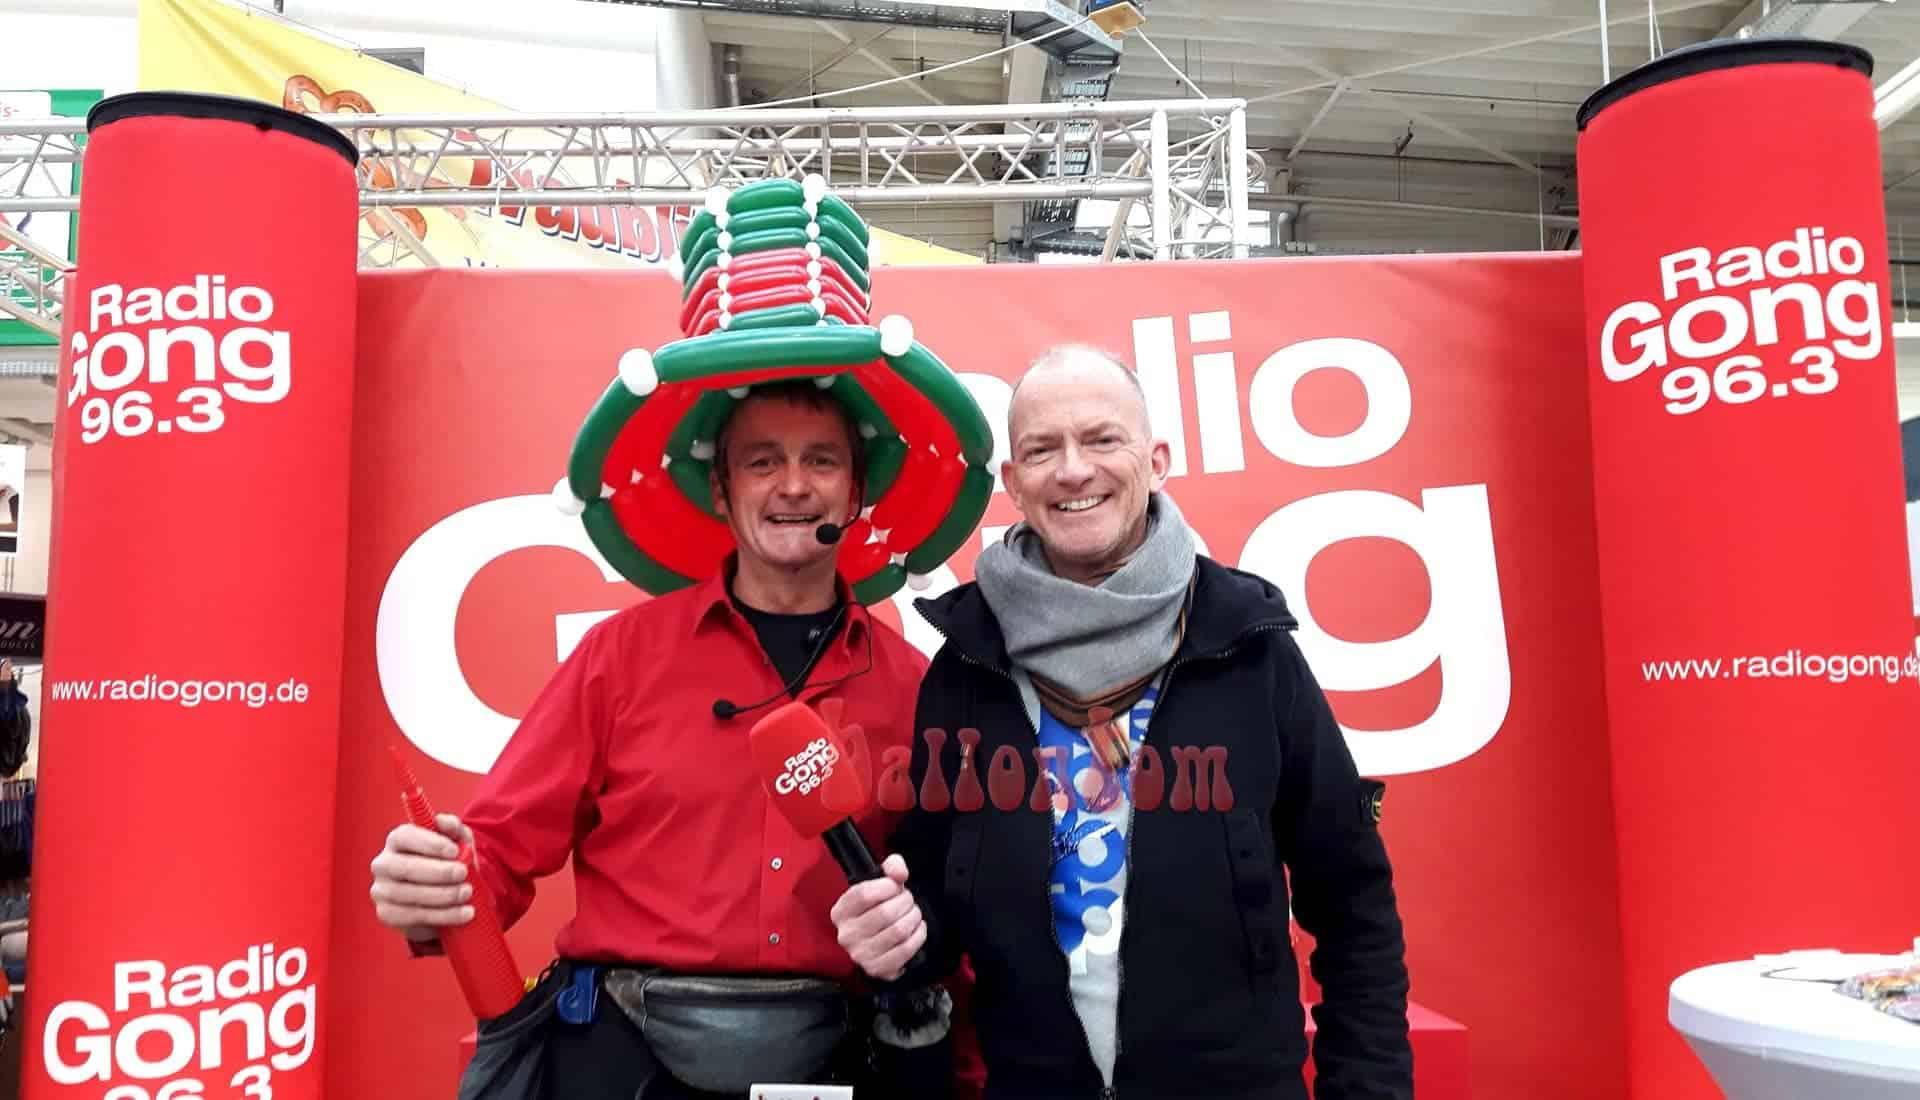 ballontom unterwegs mit Morningman Mike Thiel von Radio Gong 96,3 München